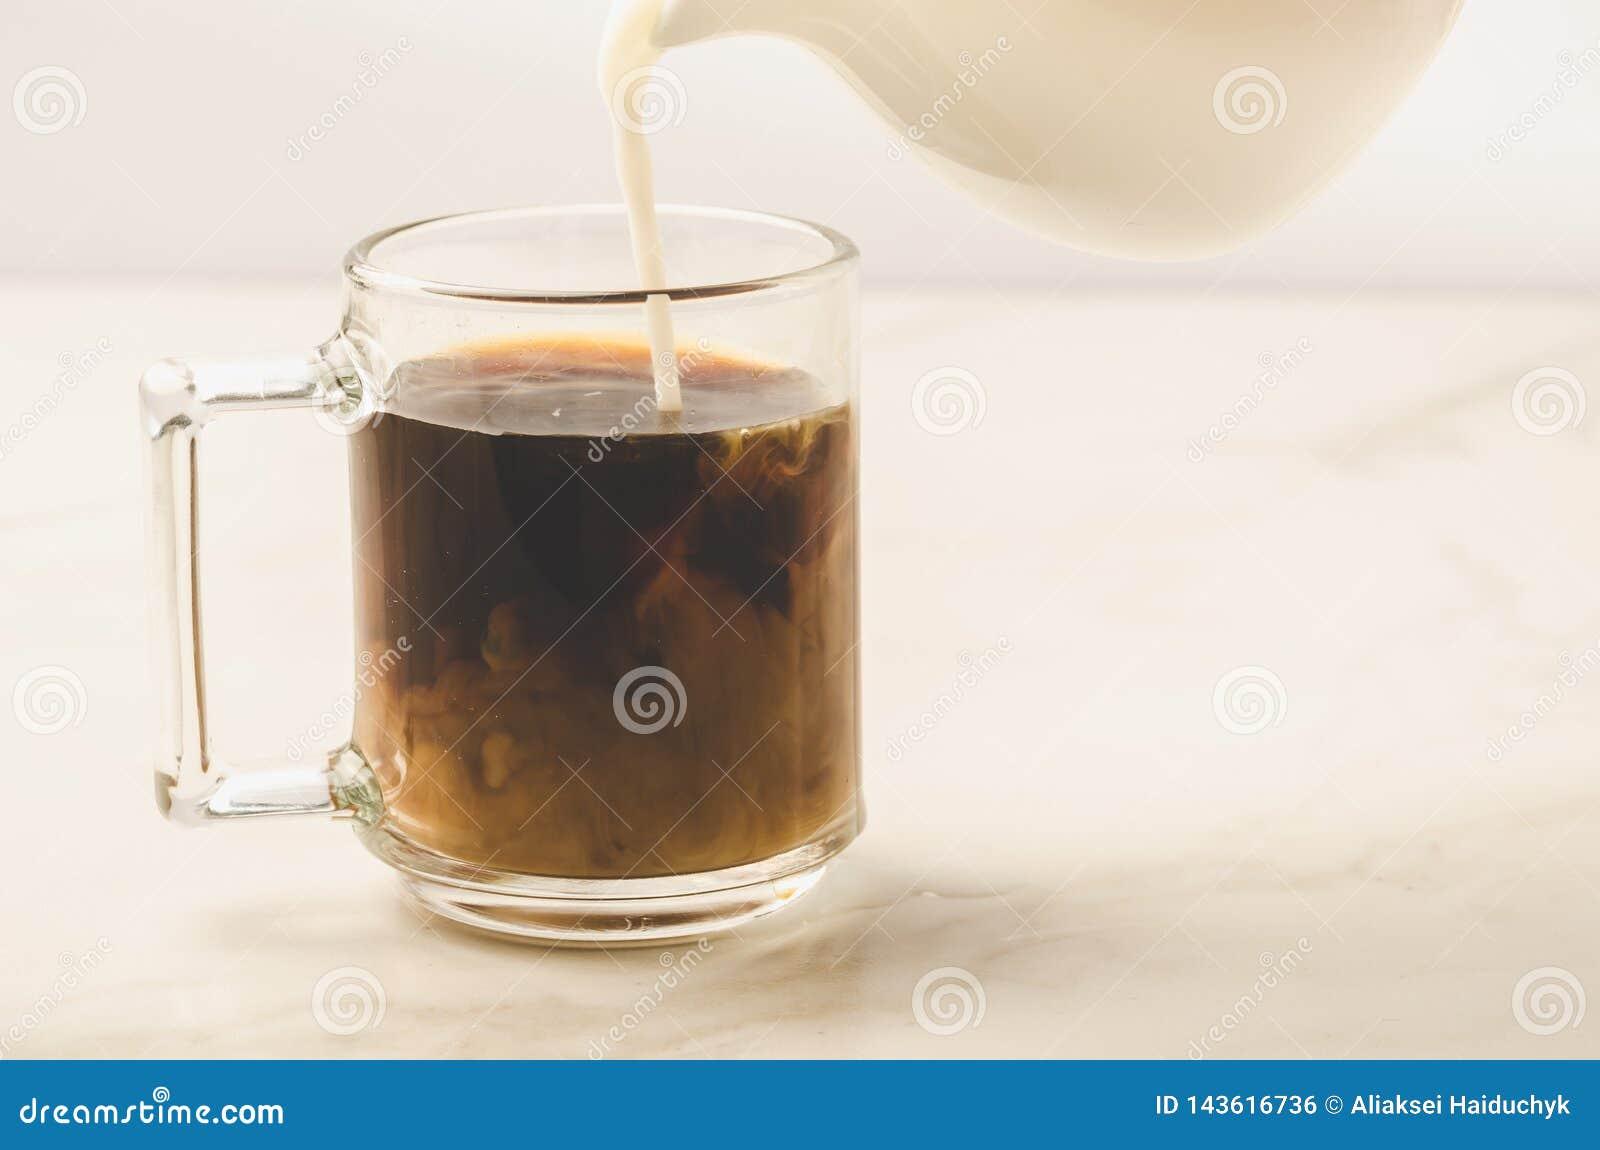 Молоко добавлено к стеклу кофе/молоку добавлено к стеклу кофе на белой мраморной предпосылке r